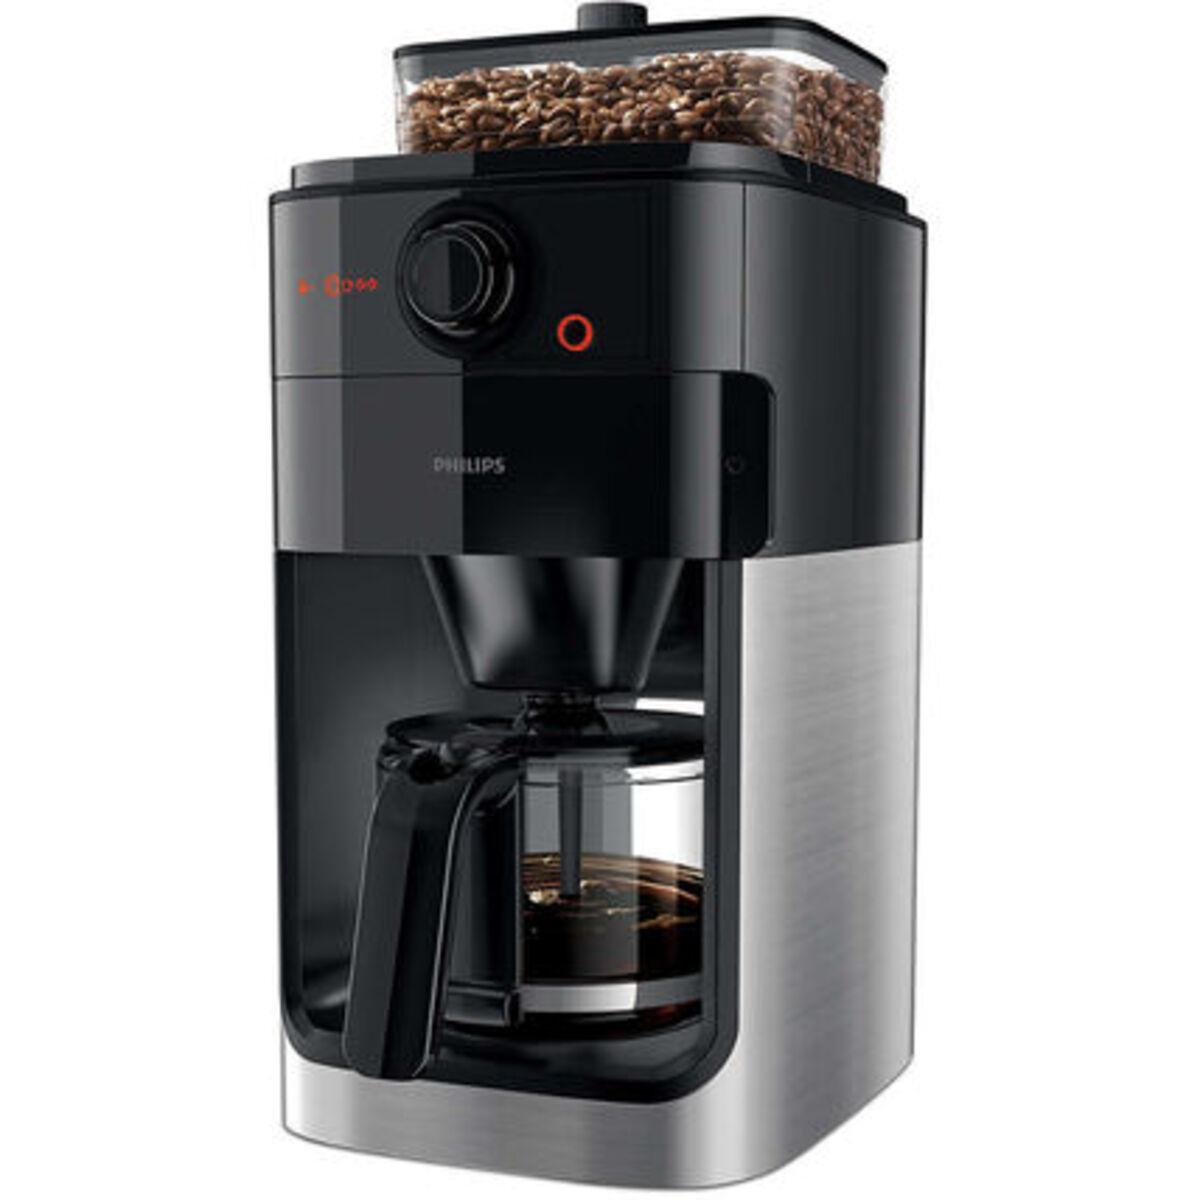 Bild 1 von Philips Kaffeeautomat HD7767/00 mit Mahlwerk, schwarz/silber, schwarz/Metall